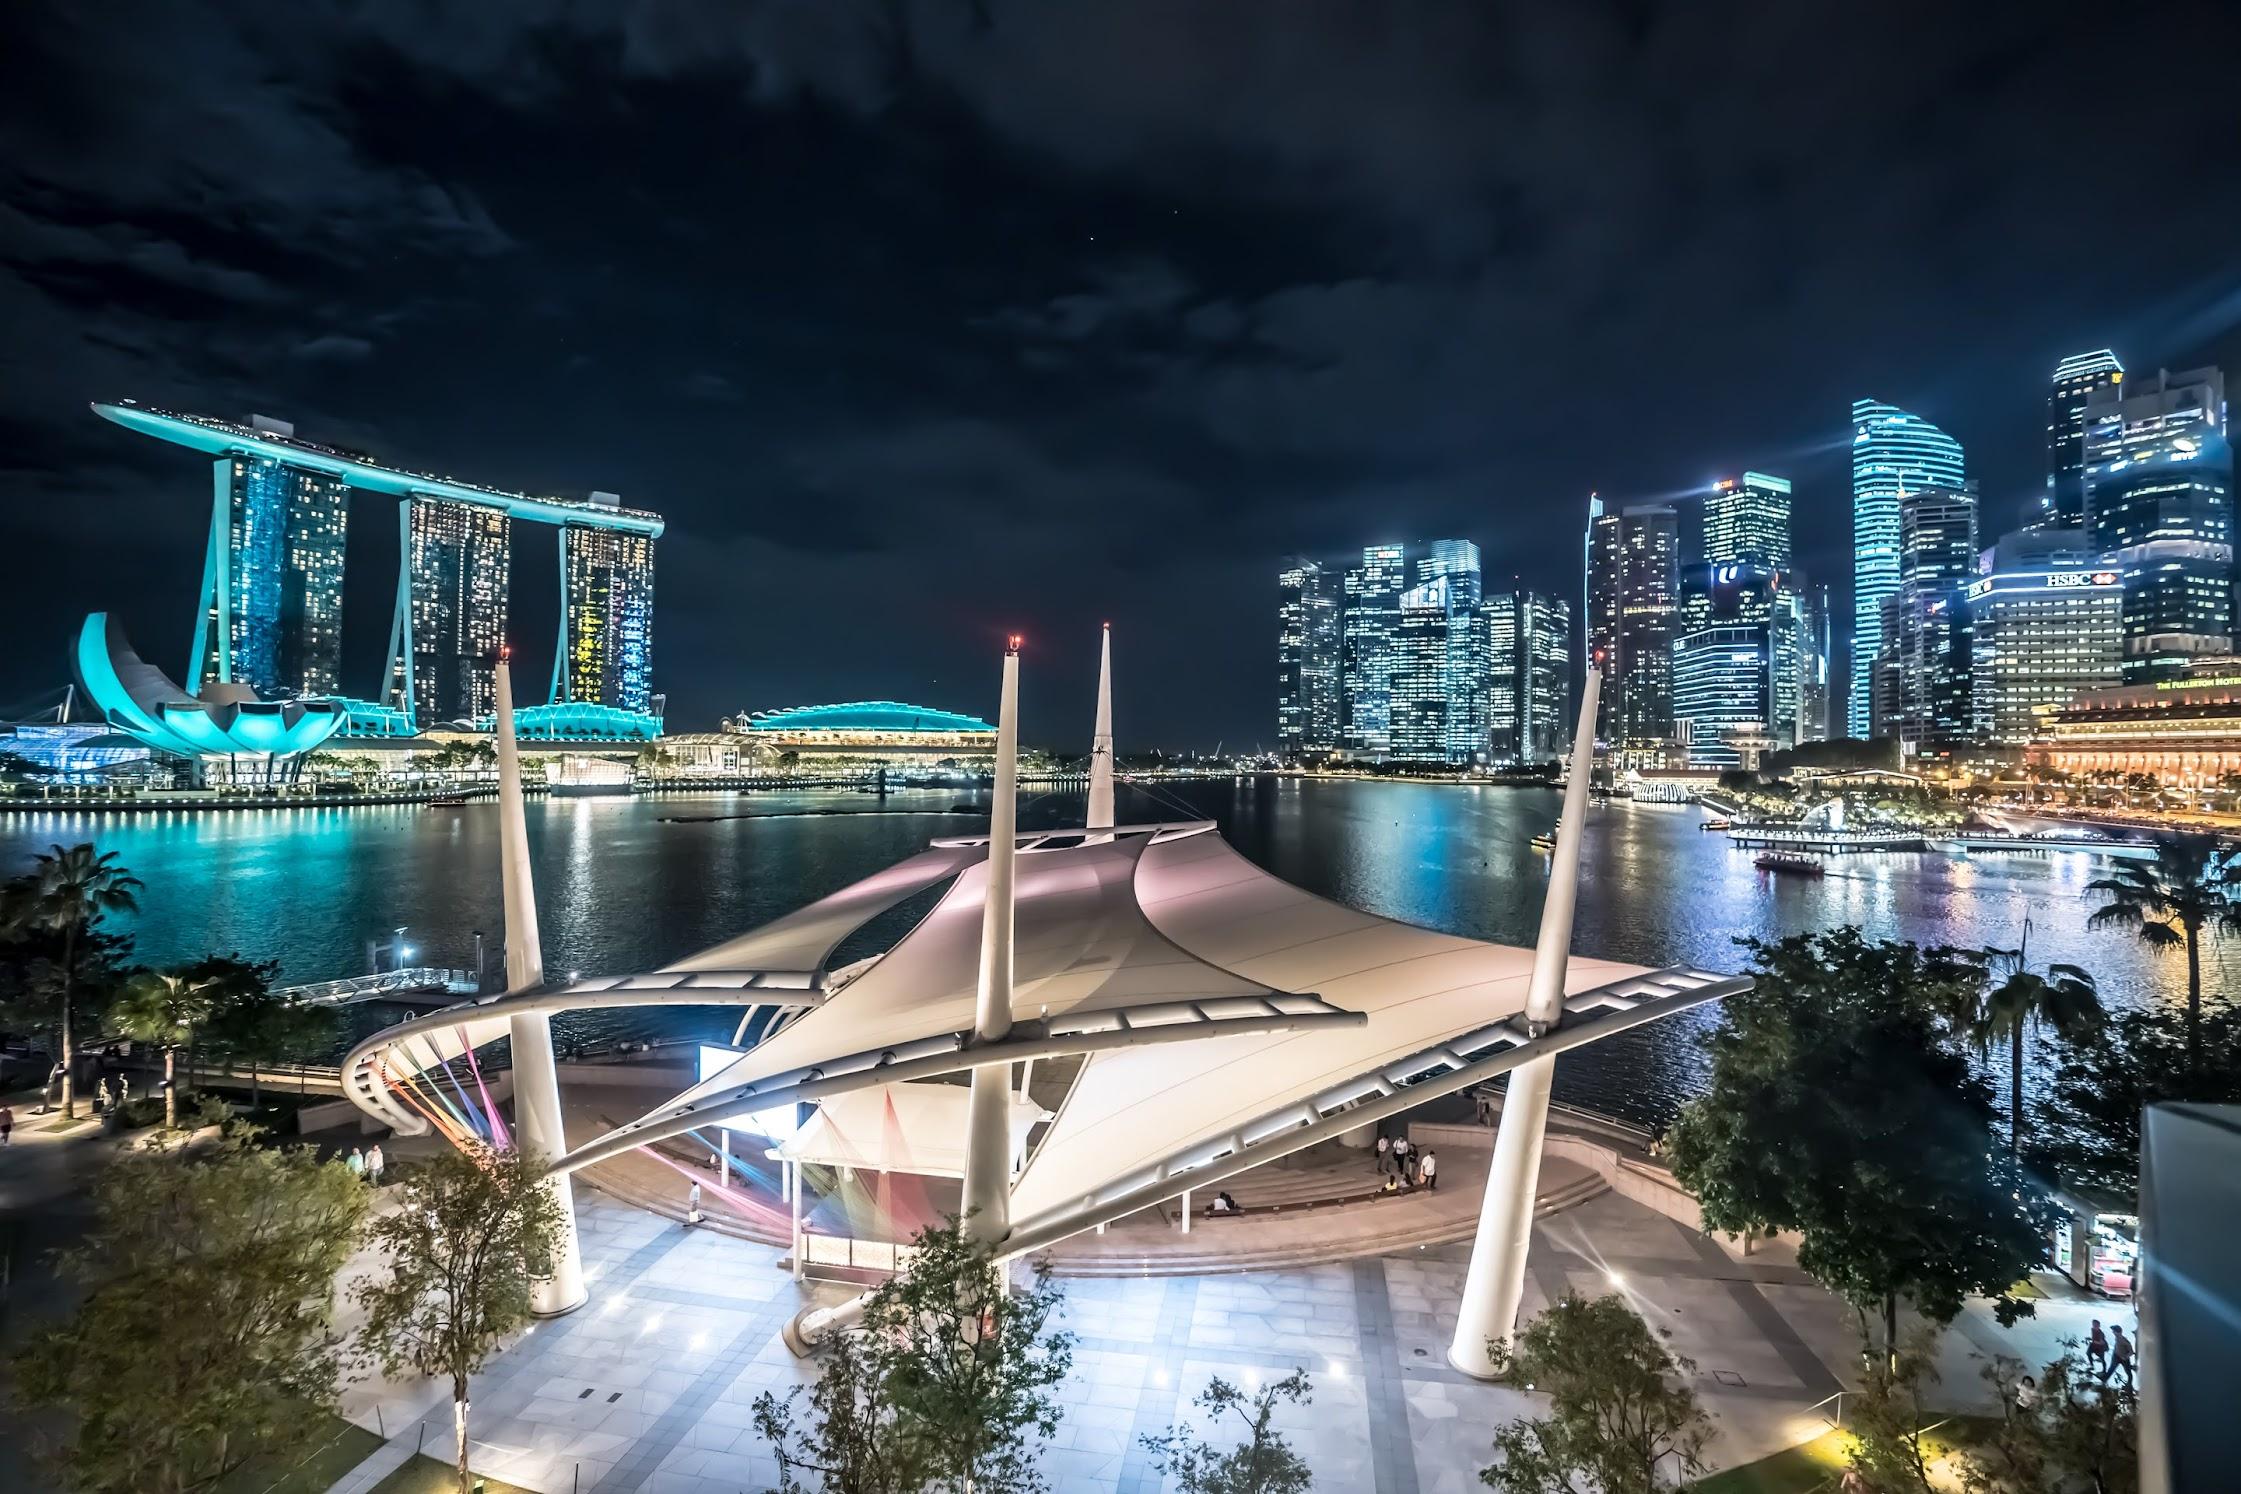 シンガポール エスプラネード (Esplanade) 展望台2